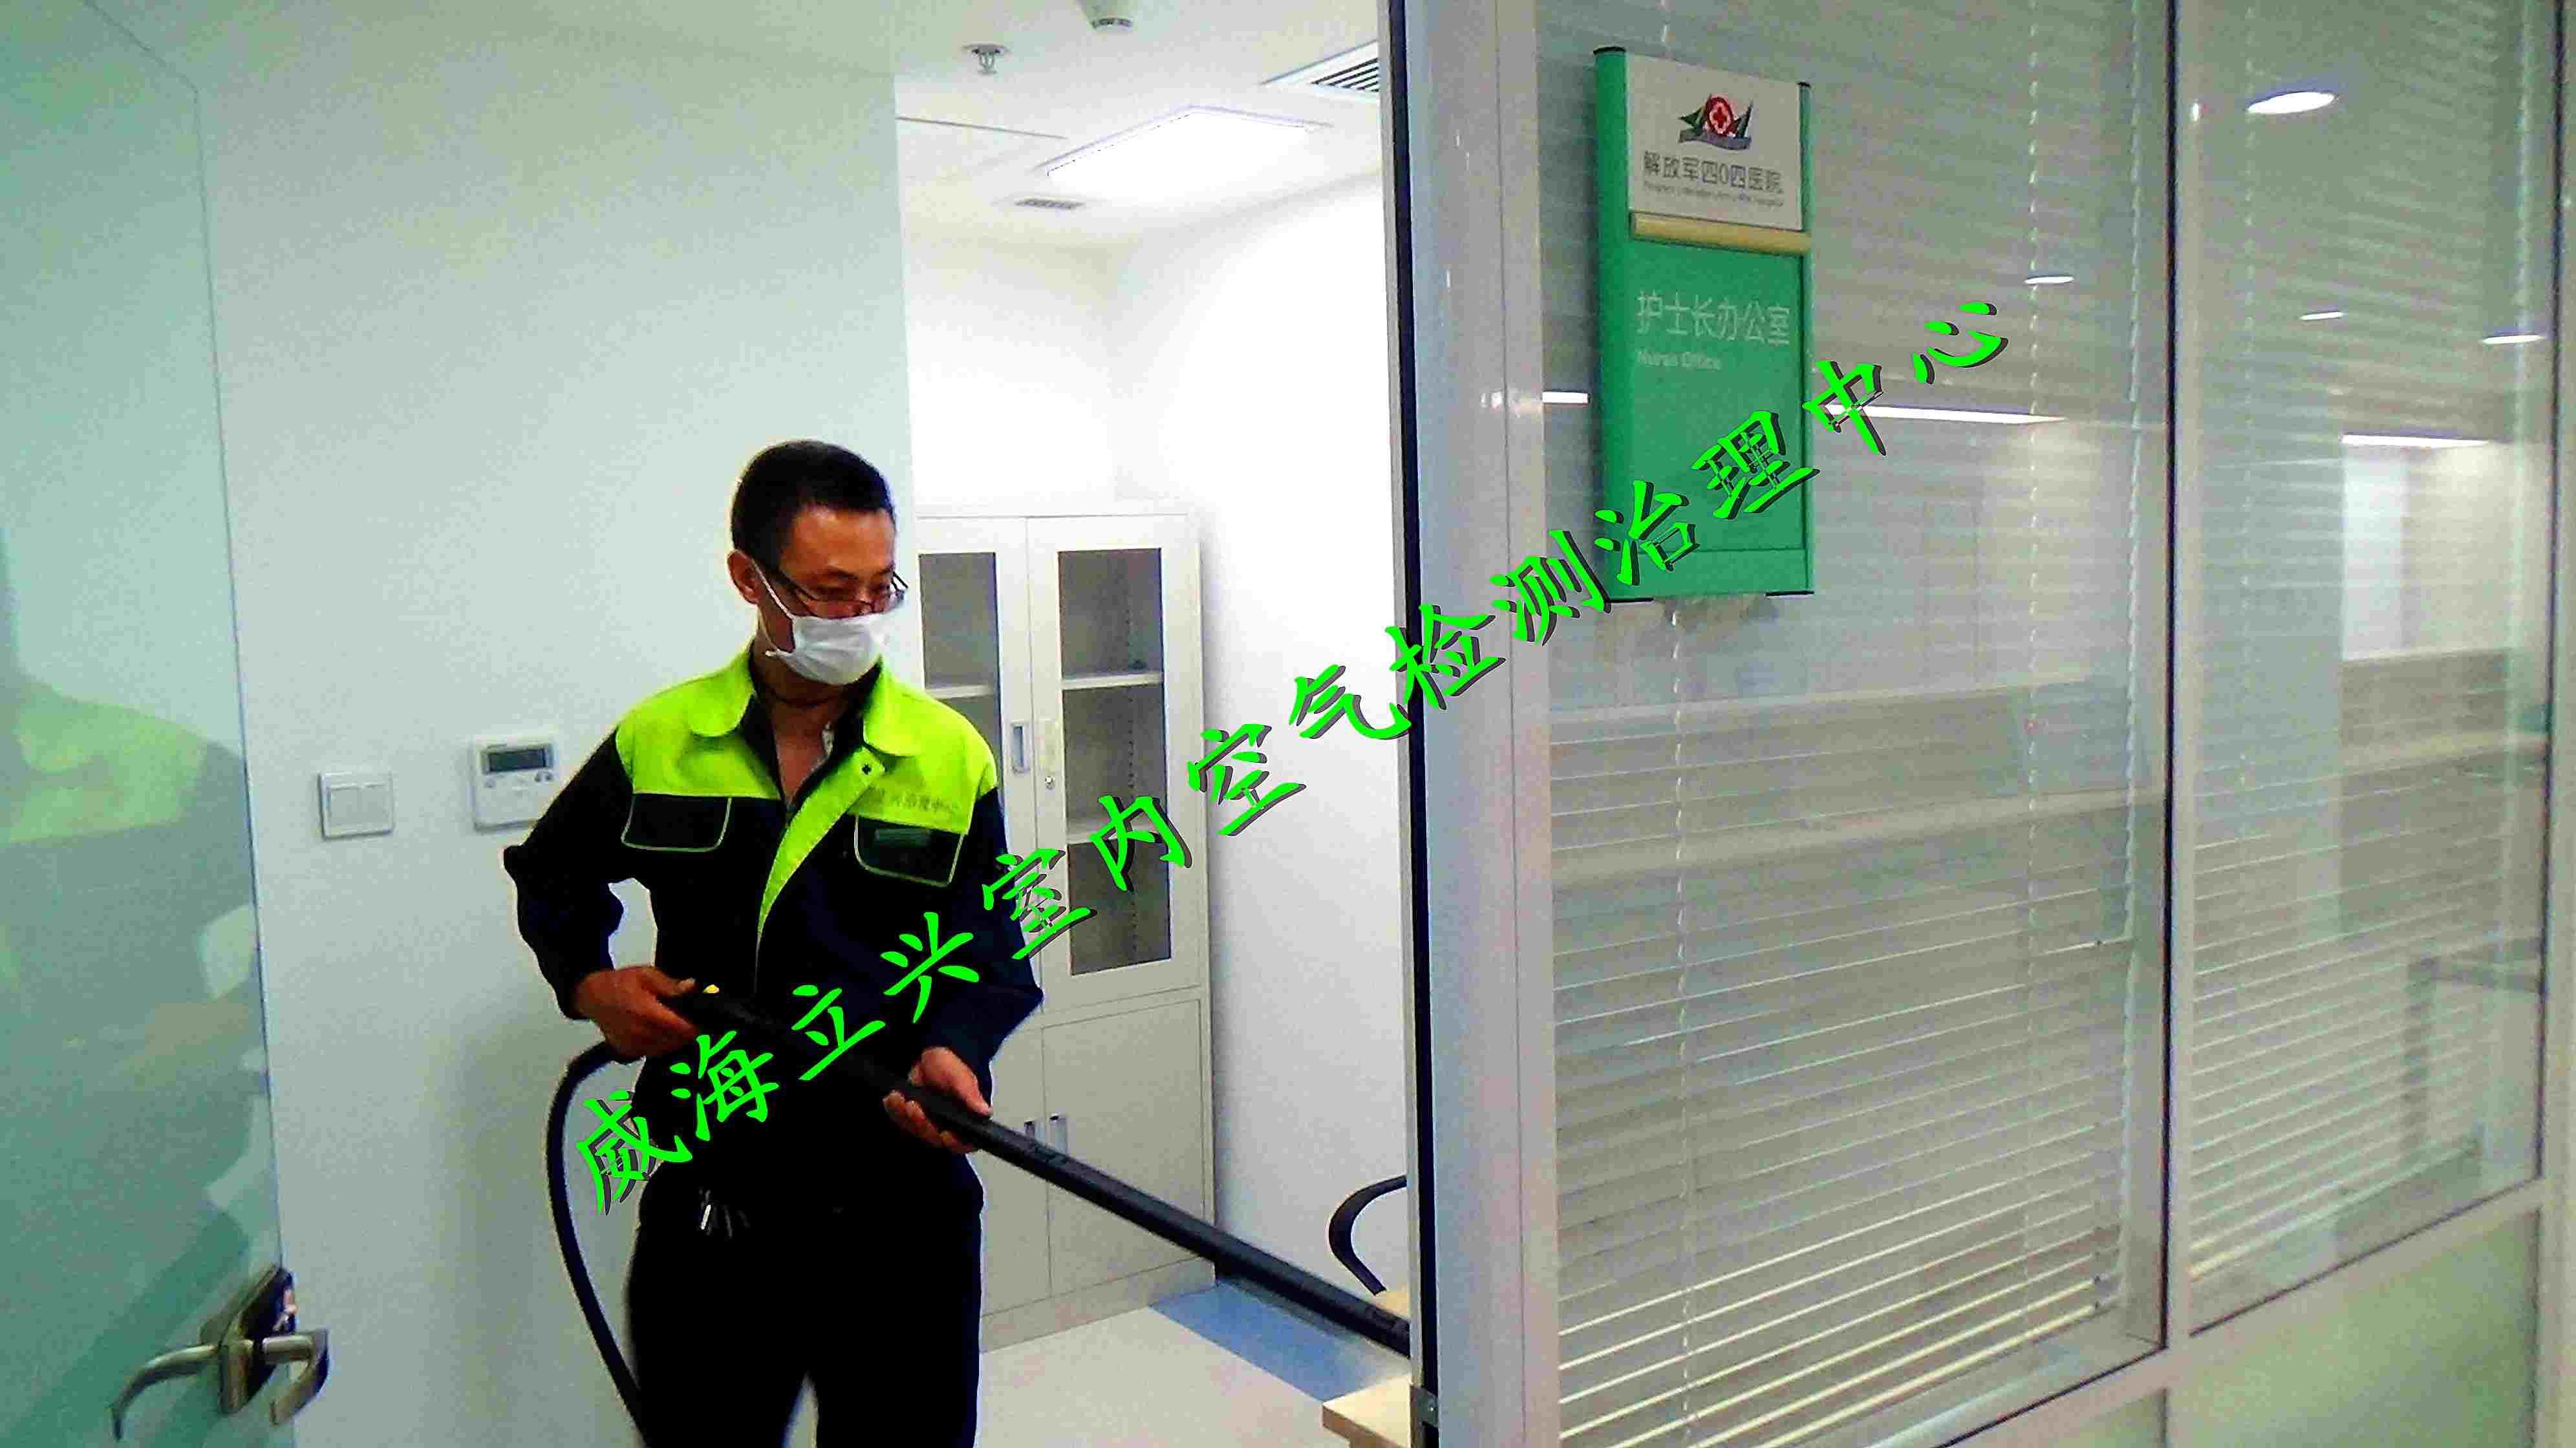 龙口官方威海甲醛检测销售厂家,威海甲醛检测